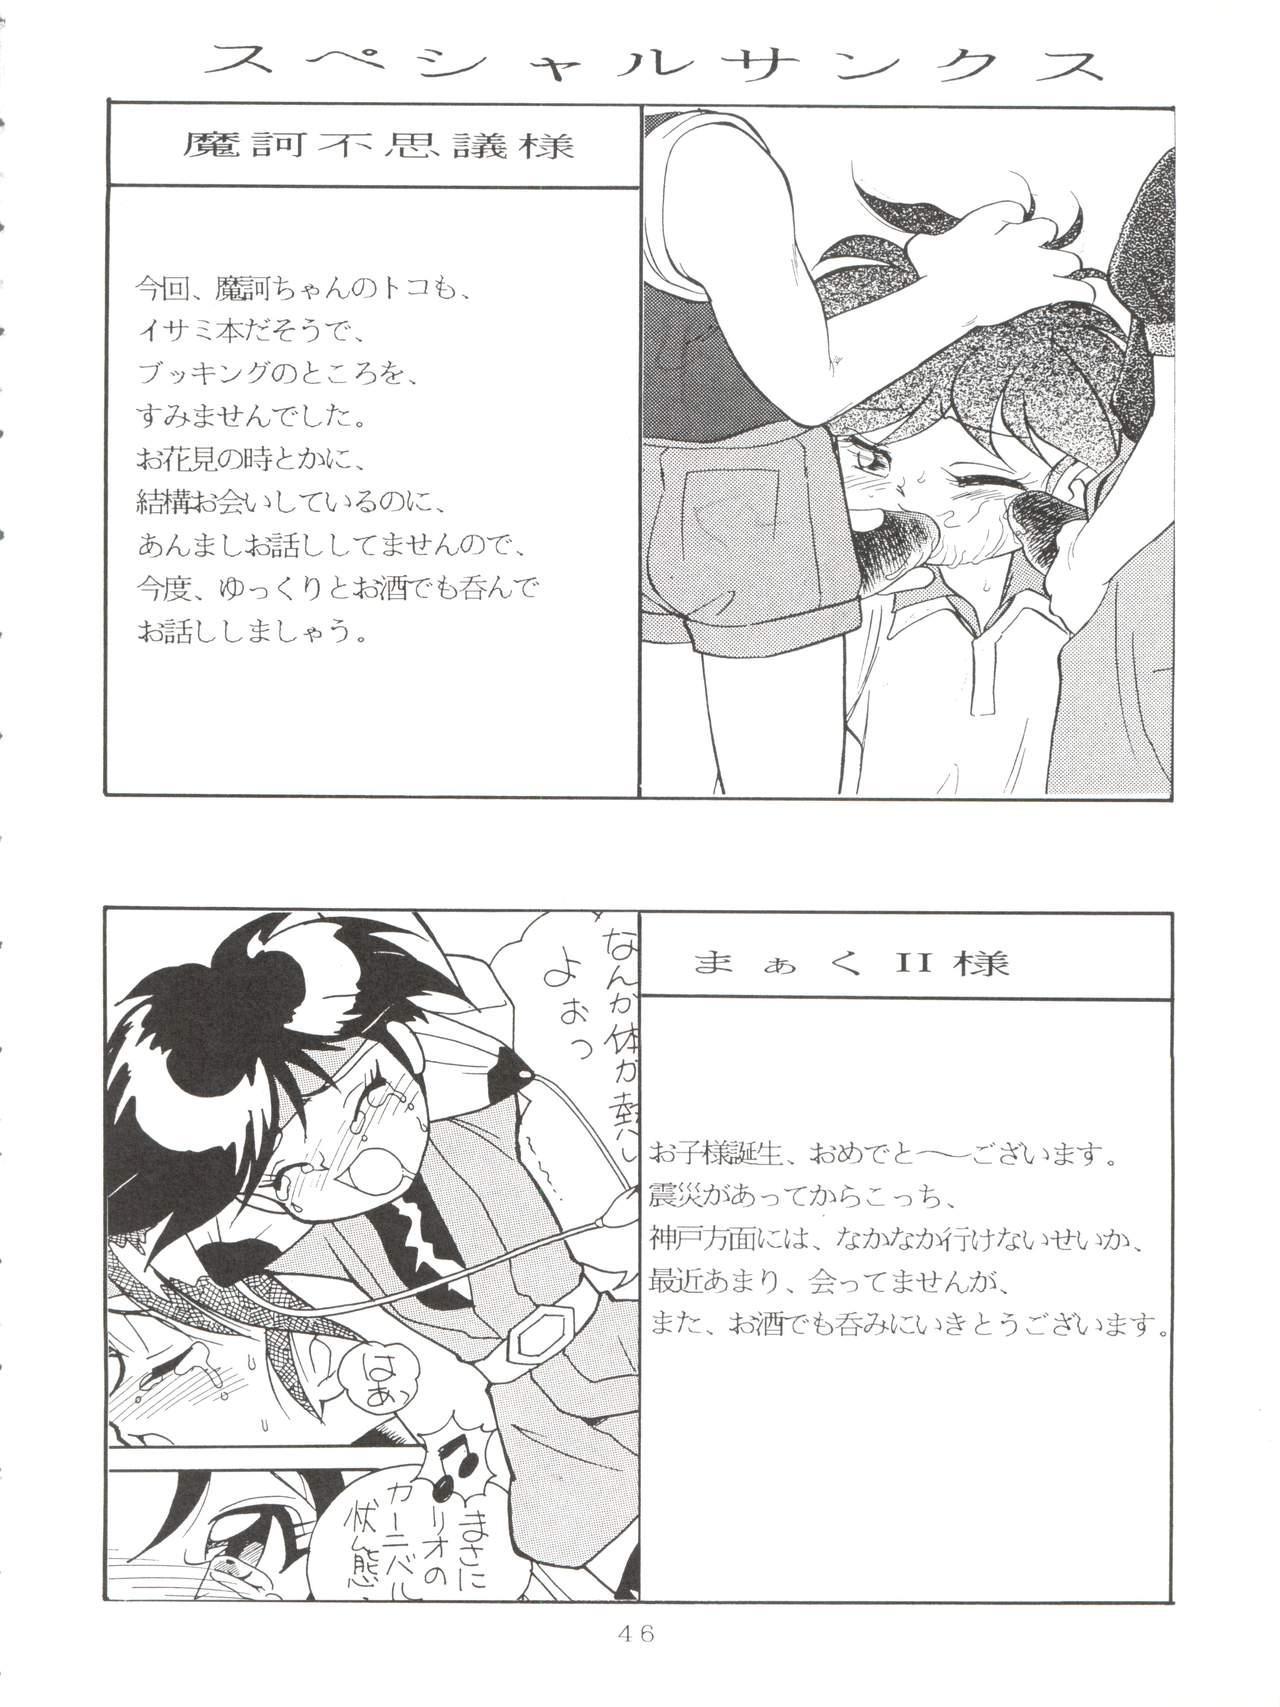 Tokusatsu Shinsengumi 45